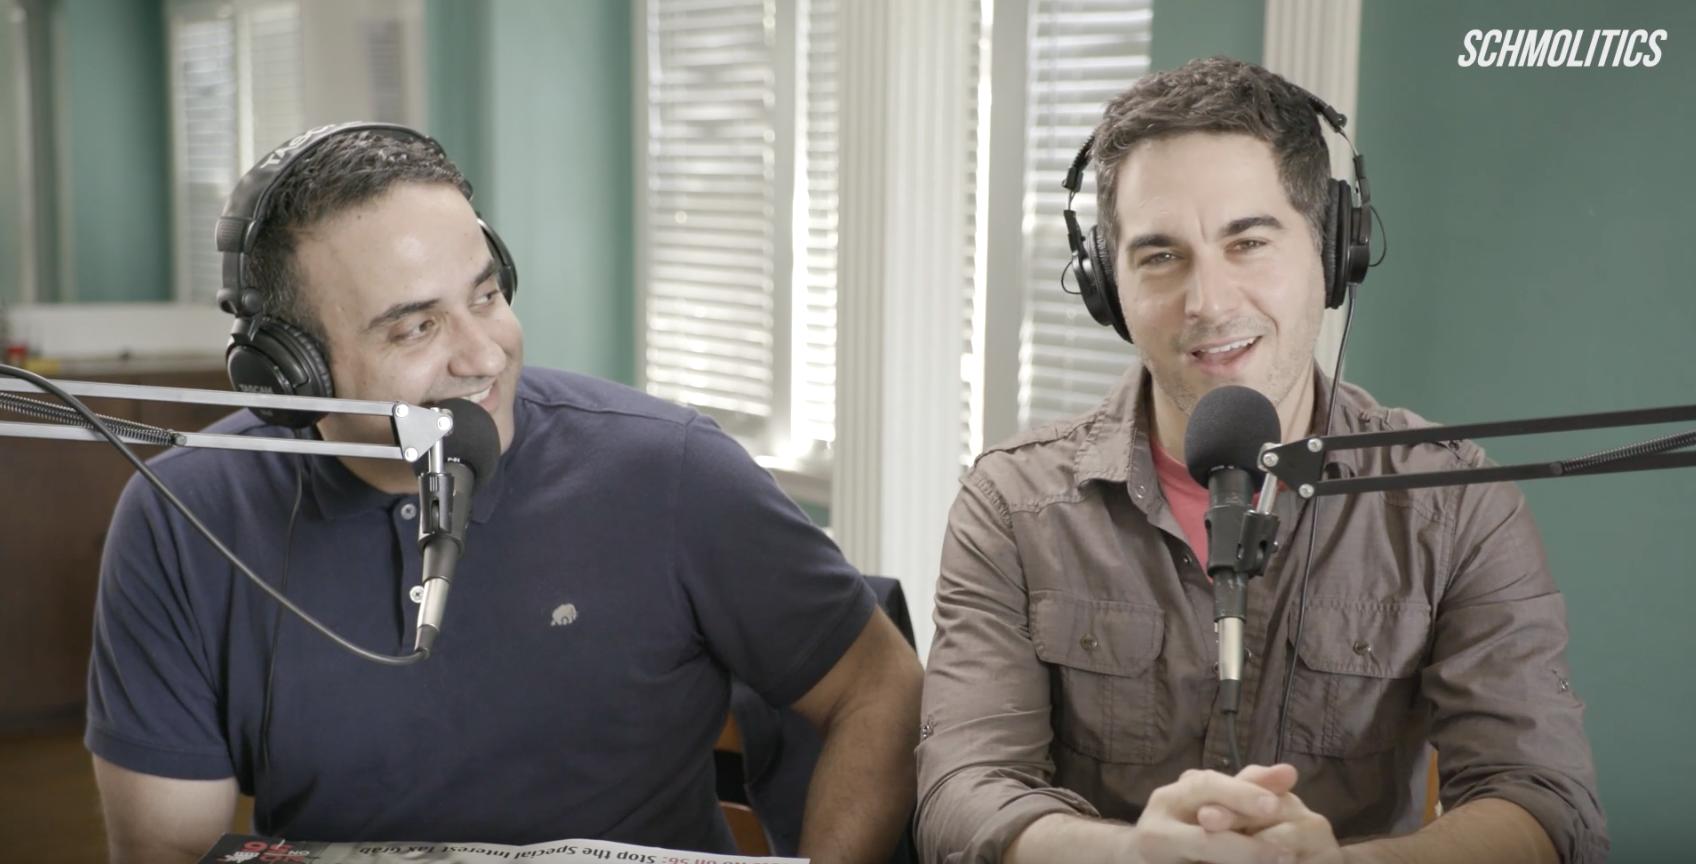 Carlos-Foglia-and-Dan-Gordon-Schmolitics-Show-Podcast